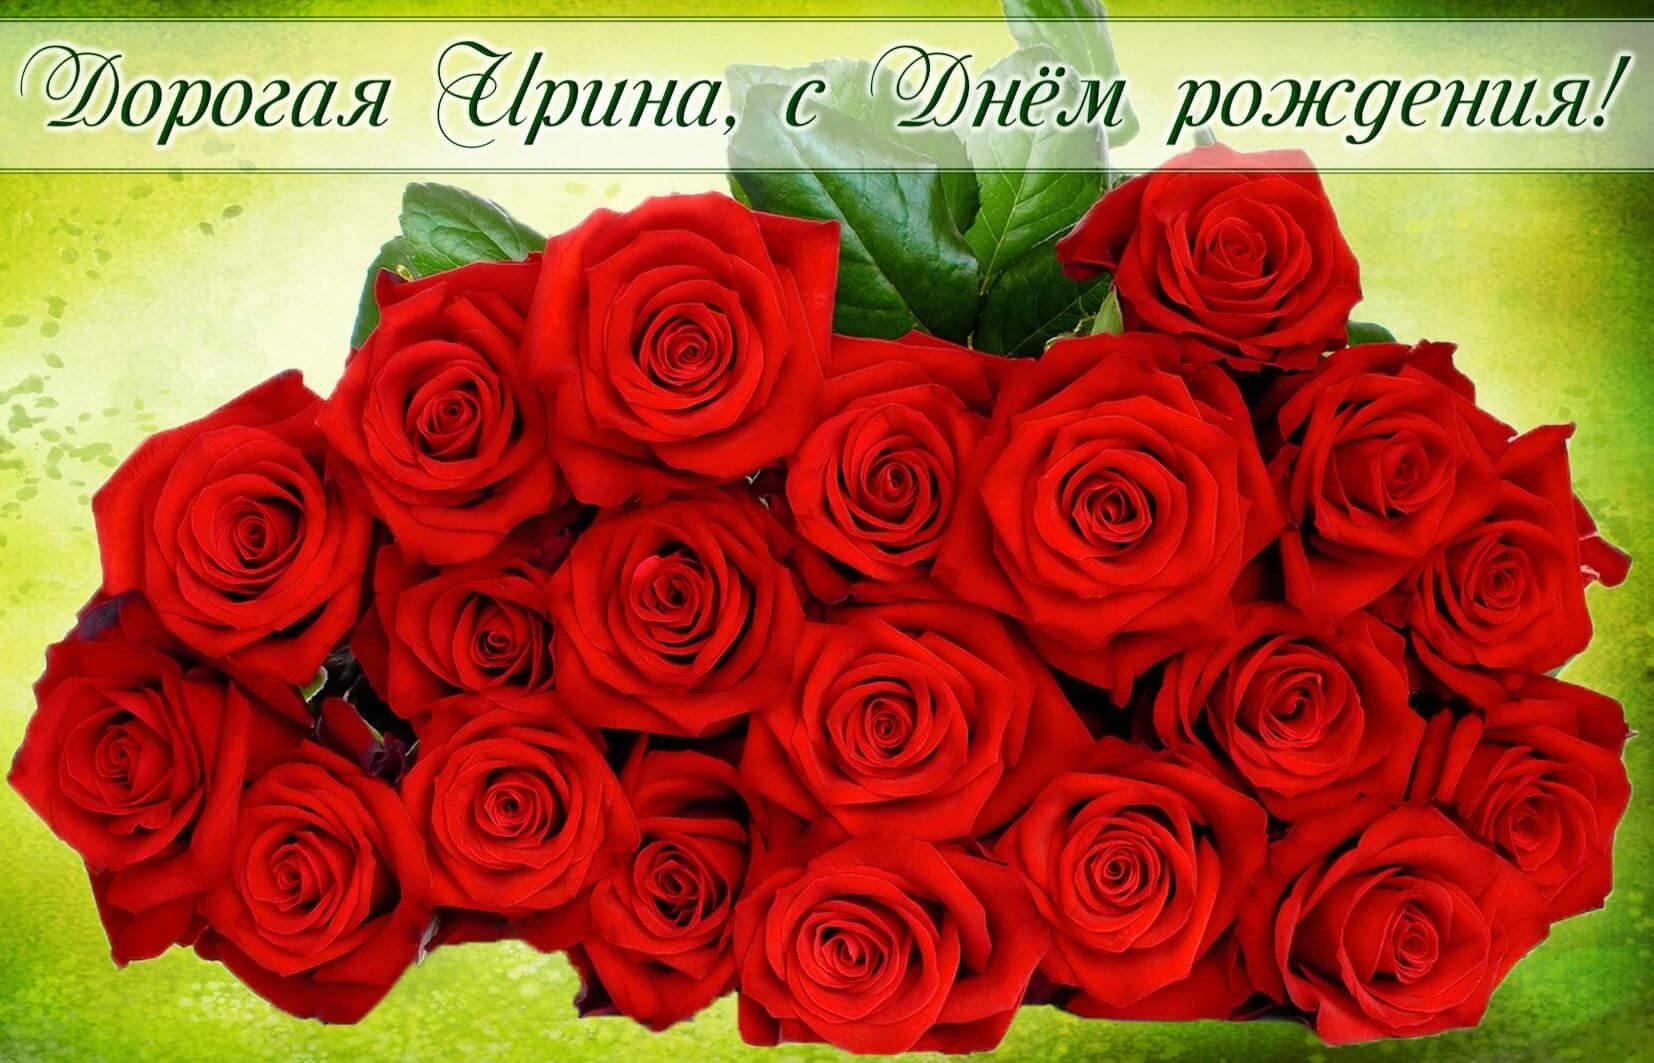 Скачать поздравительную открытку красивой женщине Ирине 14